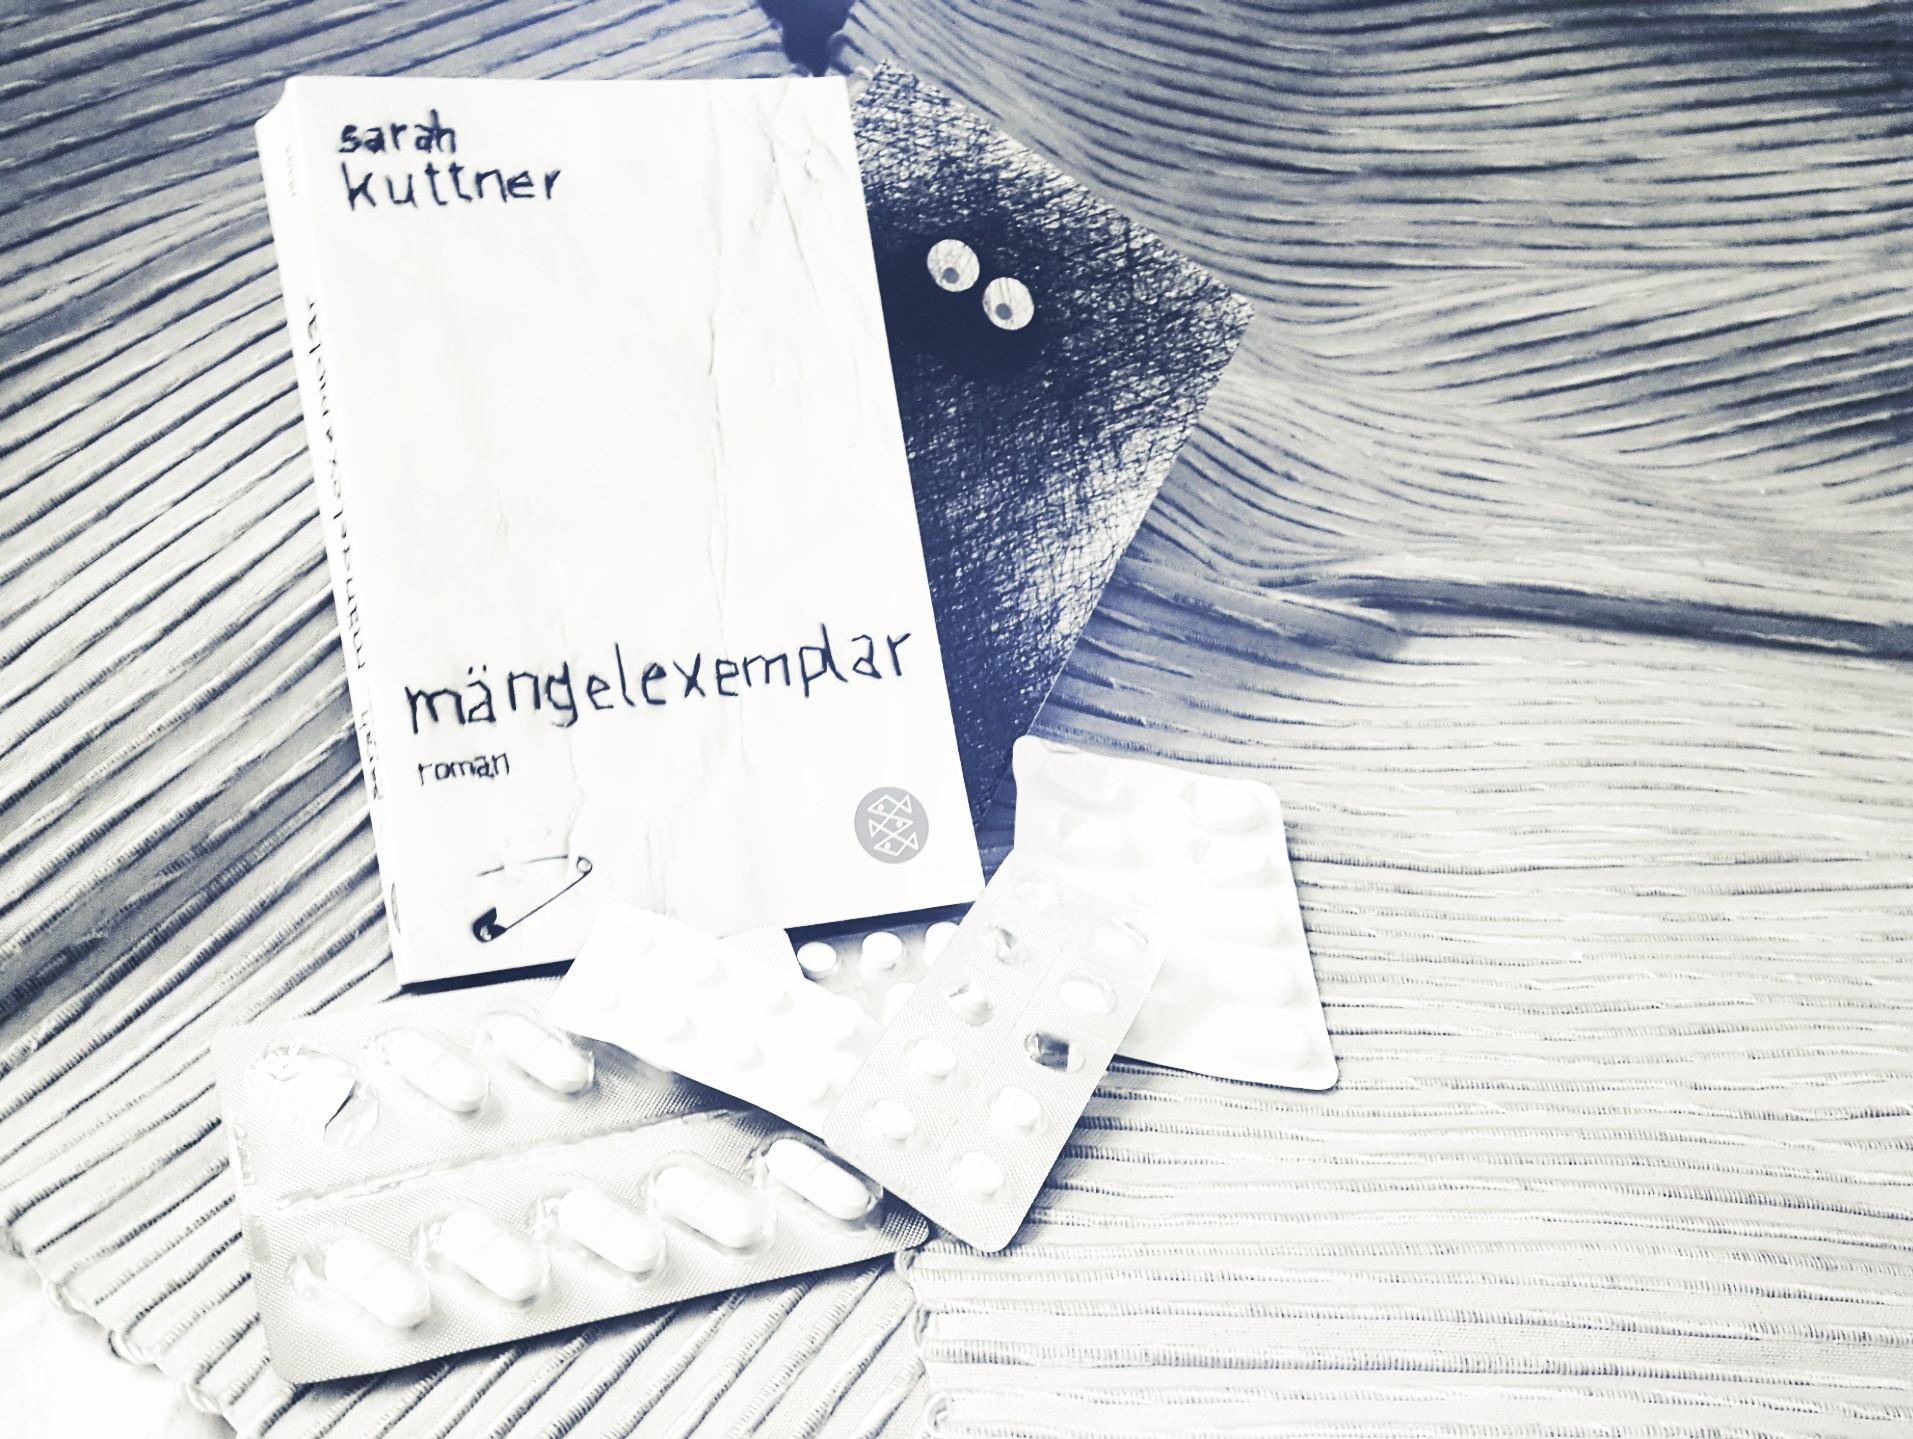 [Rezension] Sarah Kuttner – Mängelexemplar